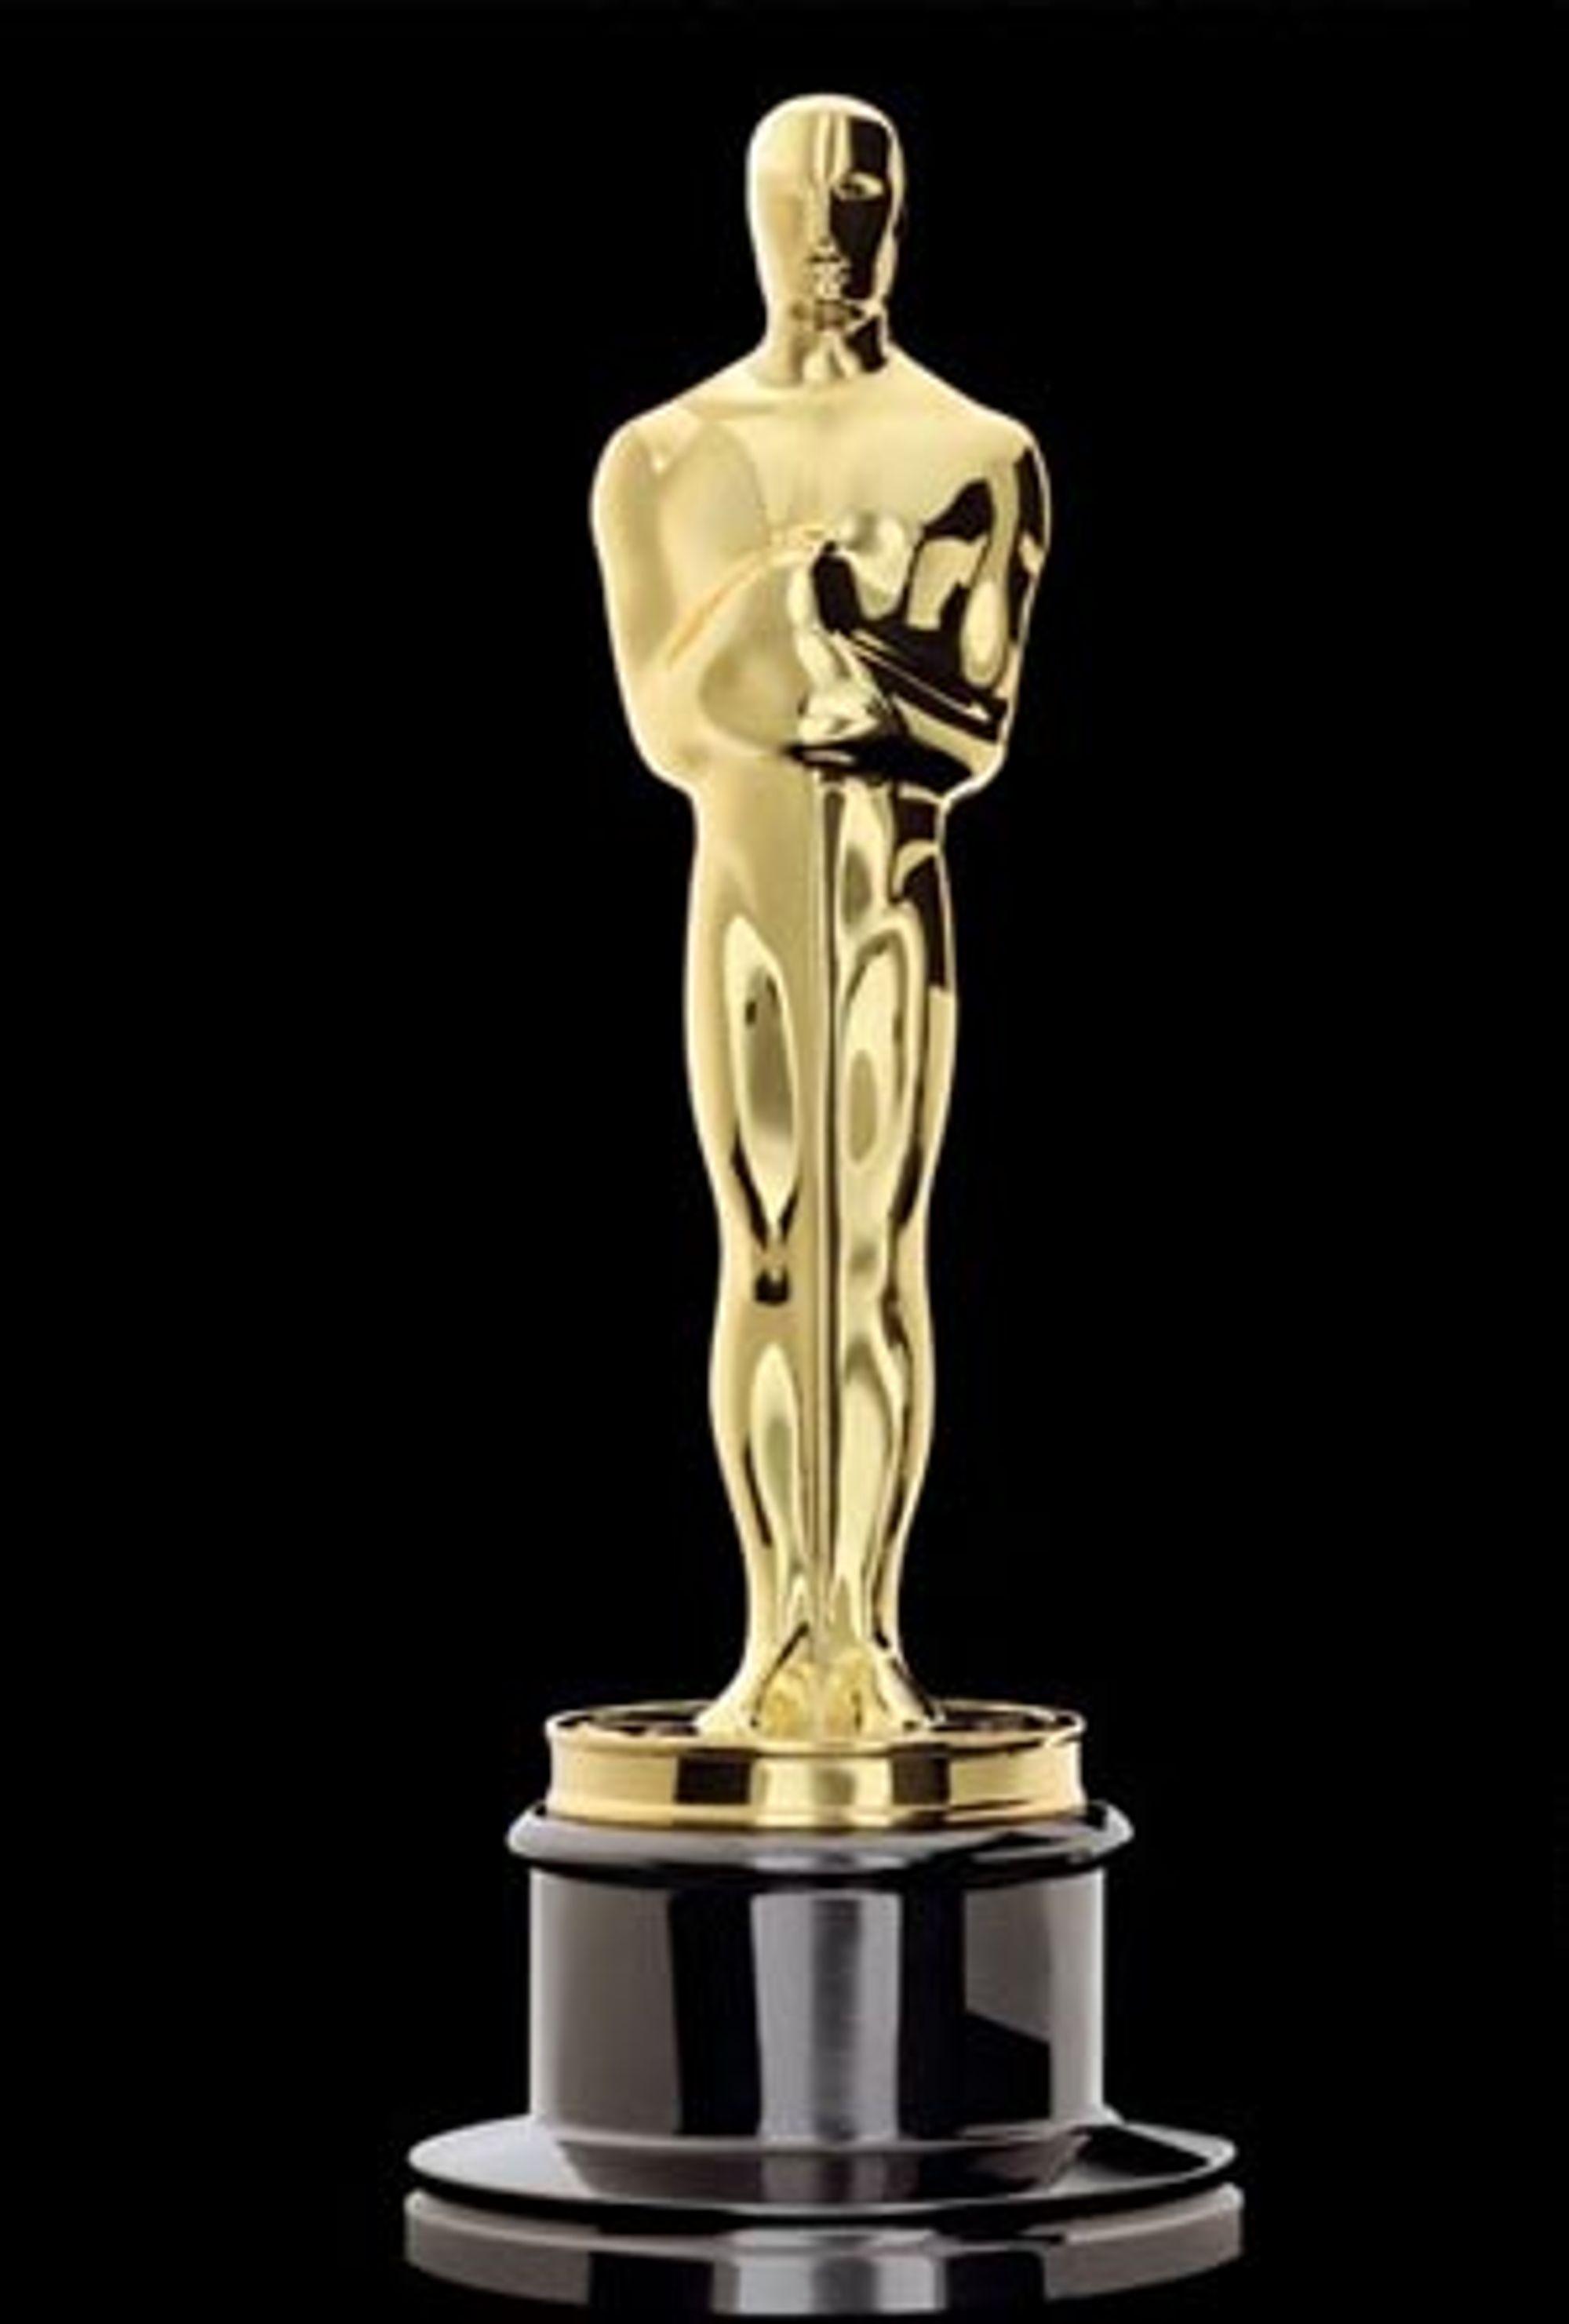 Vertene for neste Oscar-utdeling må dra vitsene ut av egen lomme.